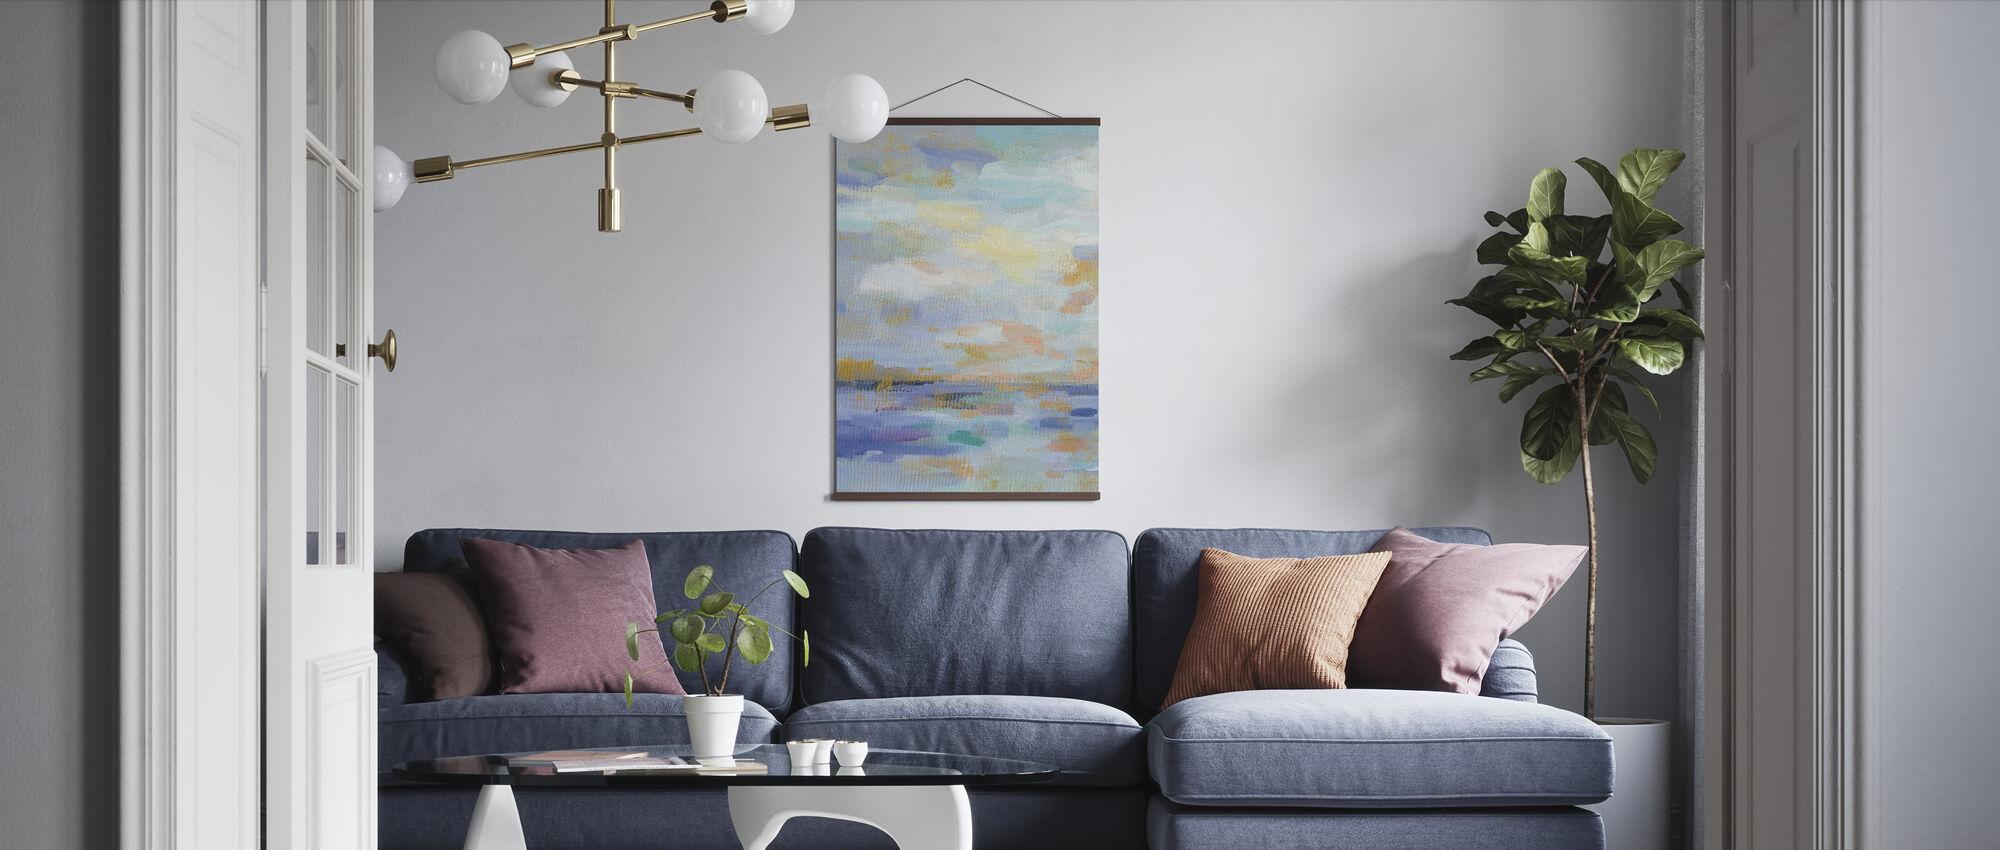 Golden Sunrise II - Poster - Living Room